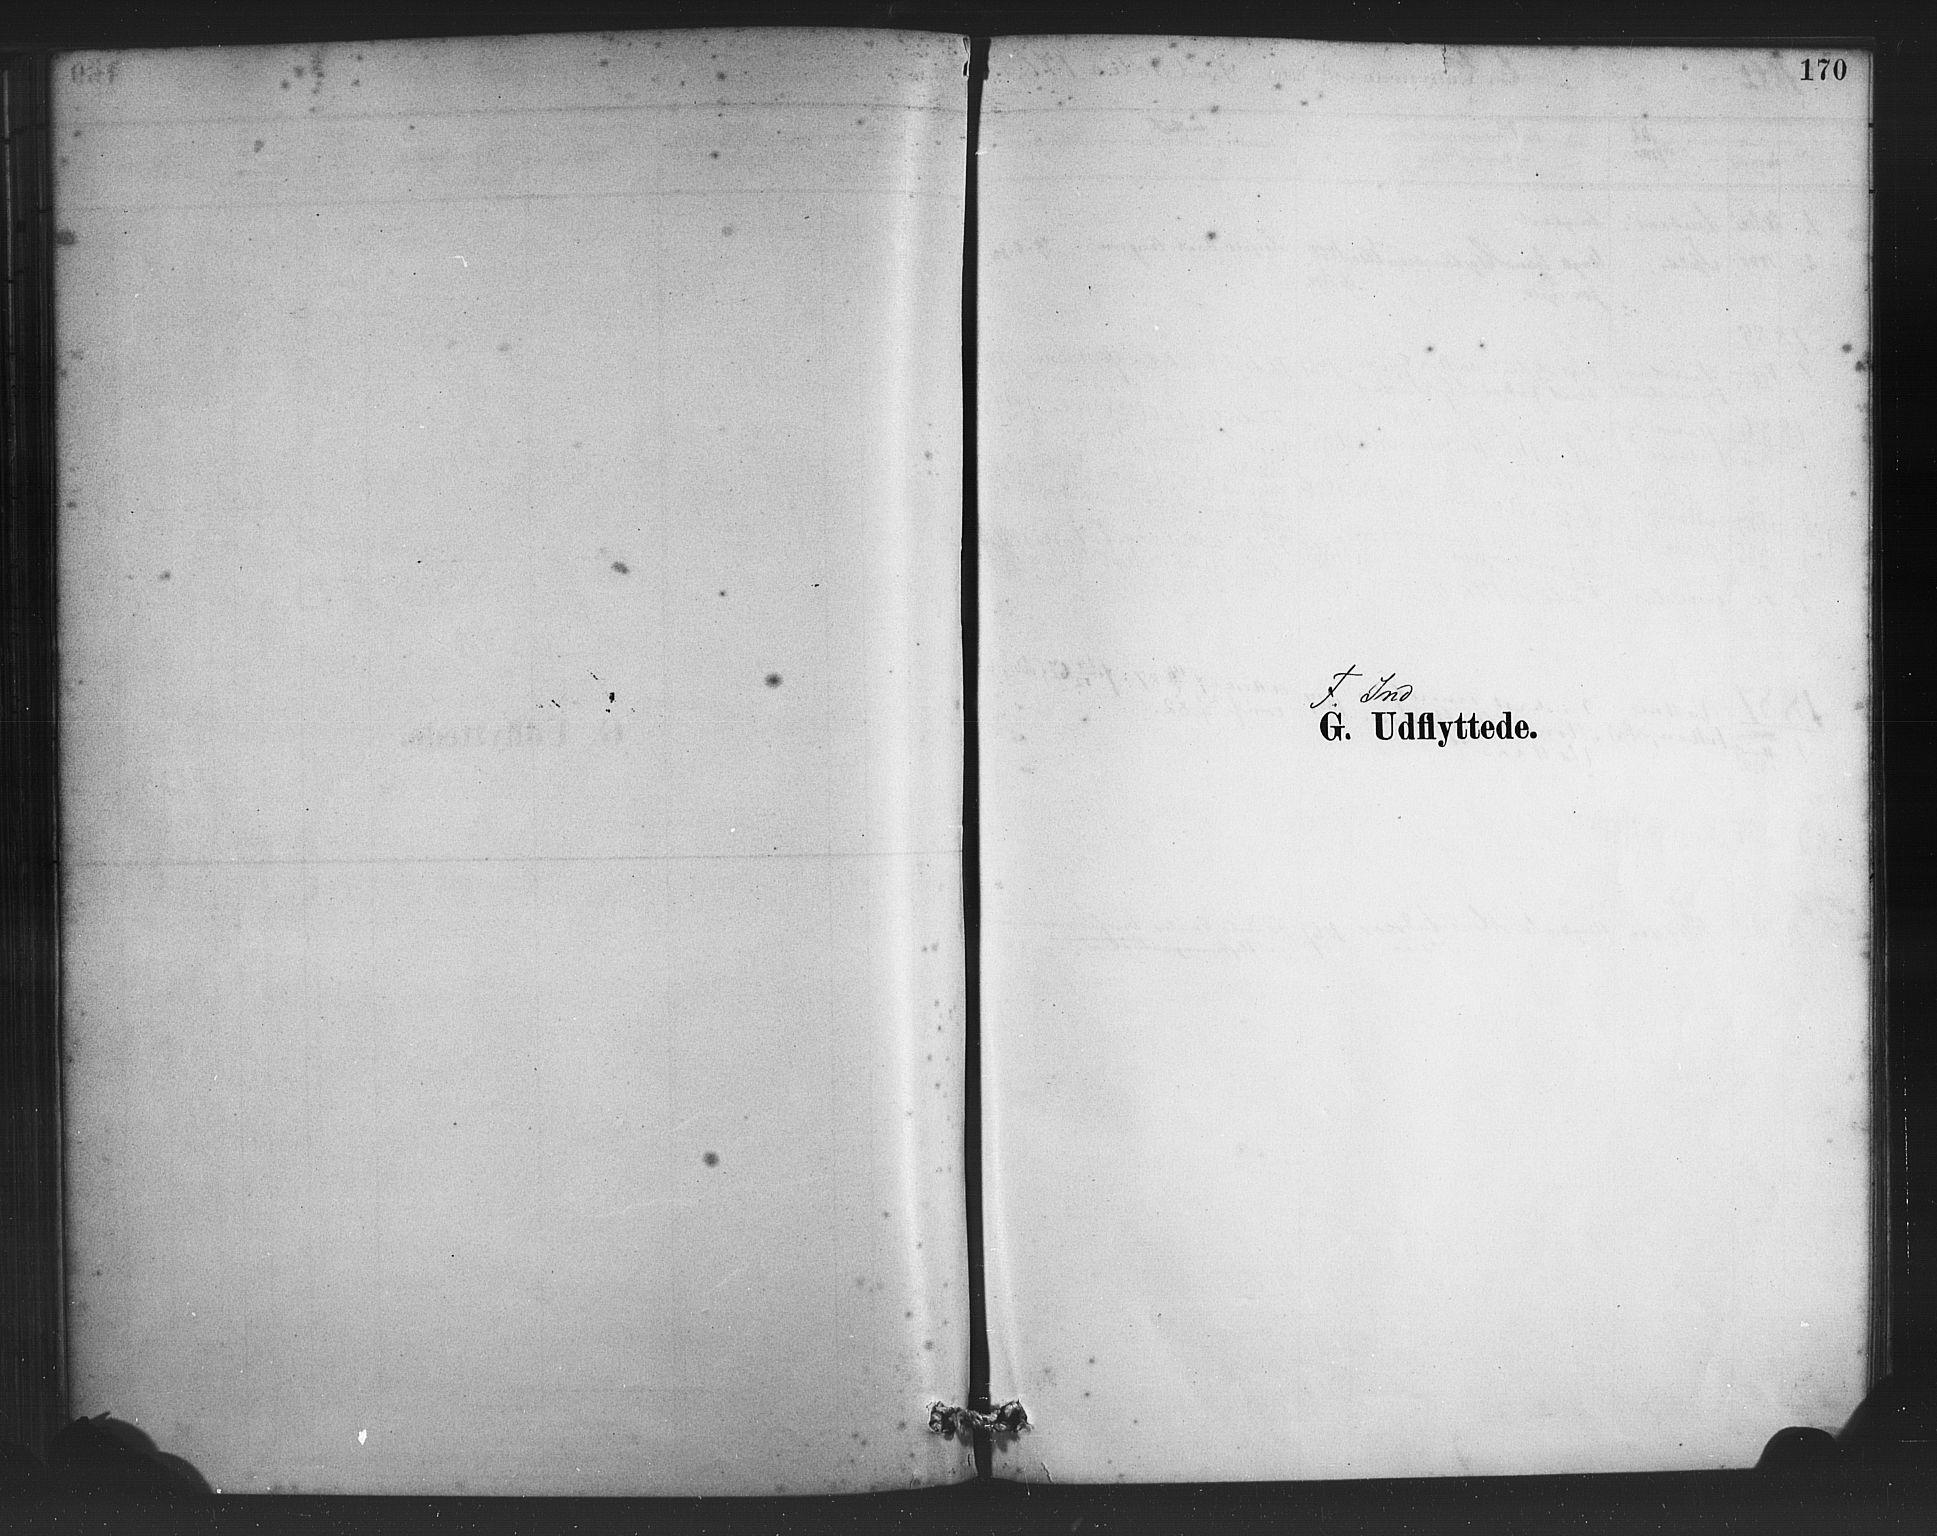 SAB, Alversund Sokneprestembete, H/Ha/Haa/Haac/L0001: Parish register (official) no. C 1, 1882-1900, p. 170